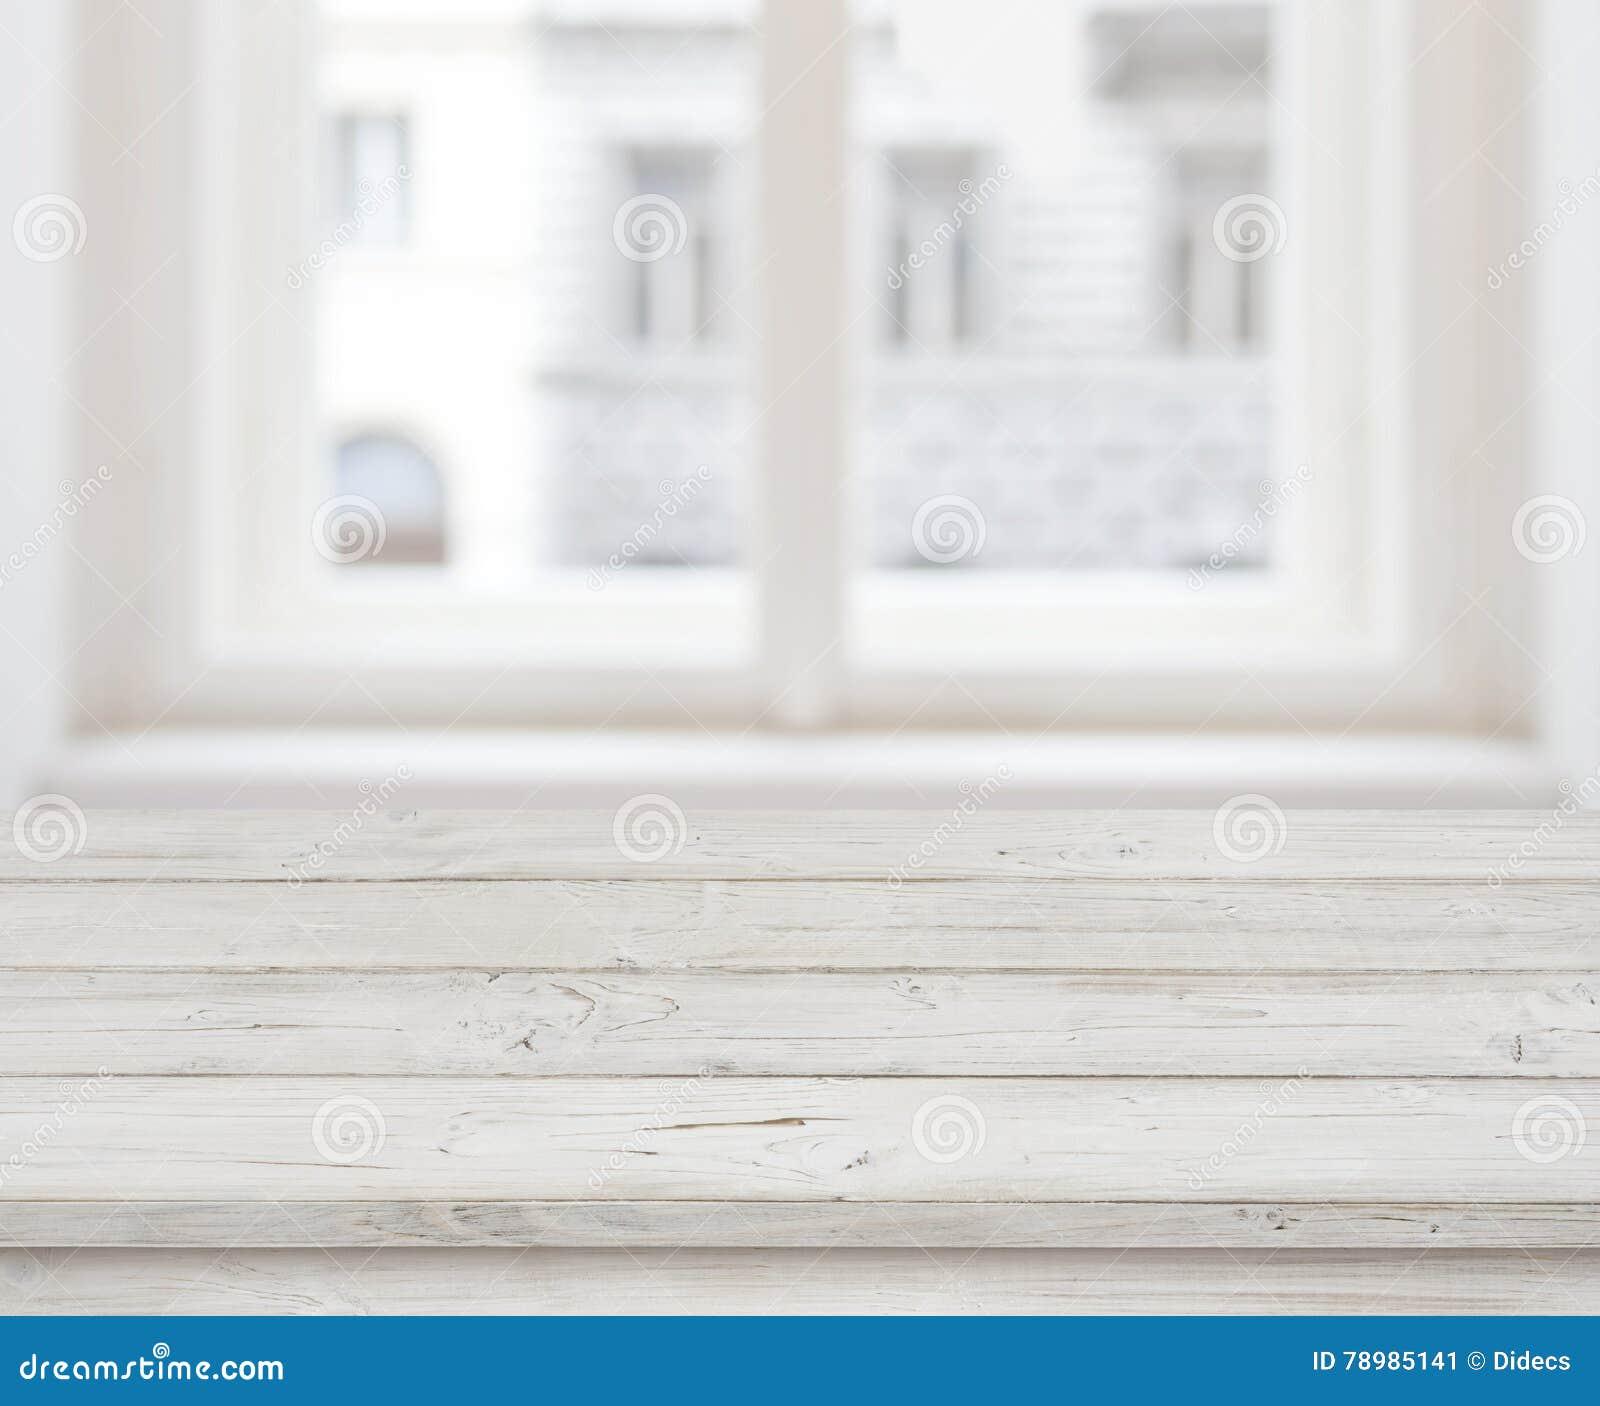 Sobremesa de madera vacía para la exhibición del producto sobre ventana borrosa